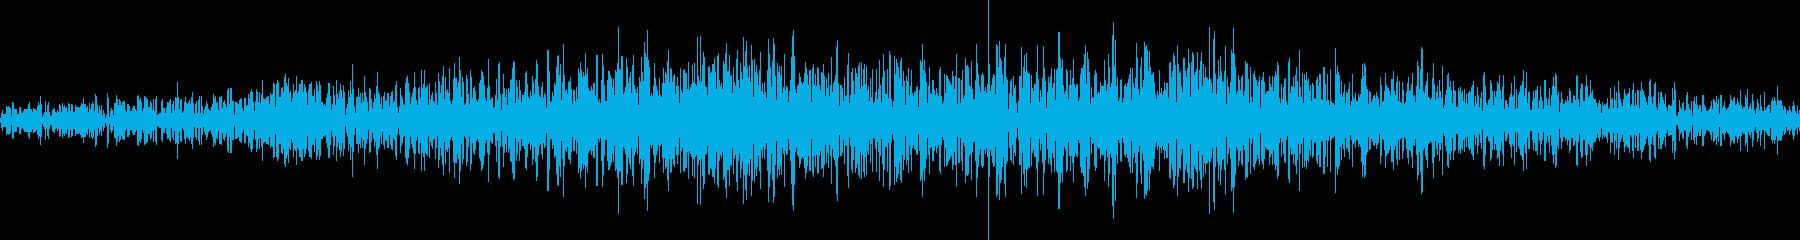 無限ループする地響き(モノラル)の再生済みの波形